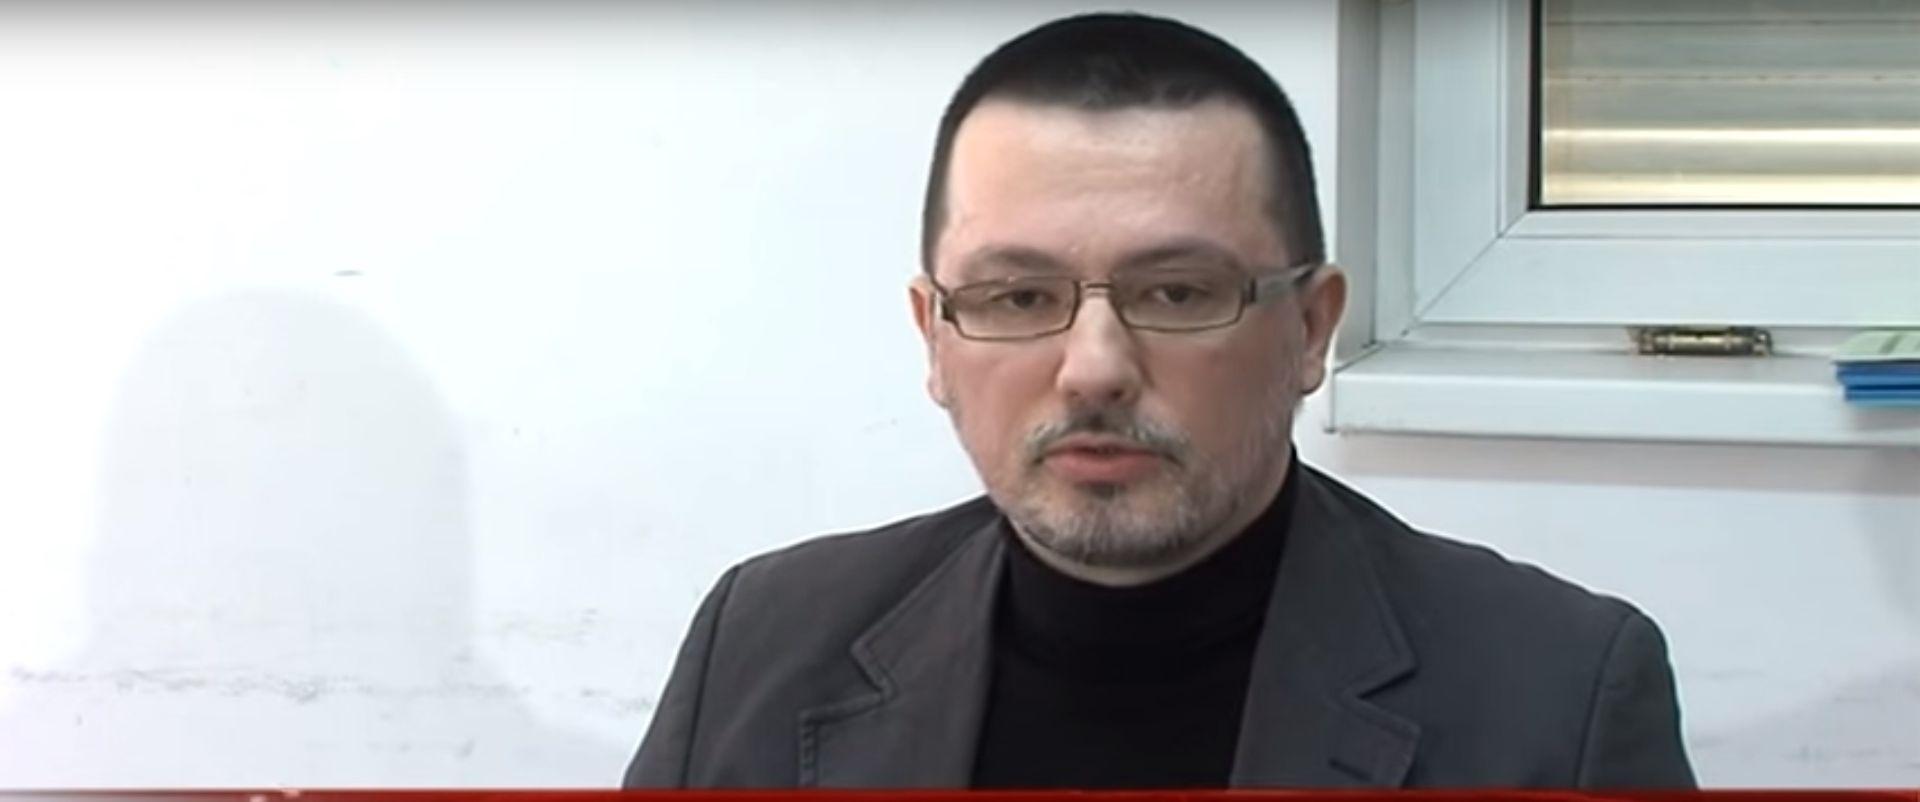 Hrvoje Runtić iz Živog zida teško optužio stranačko vodstvo